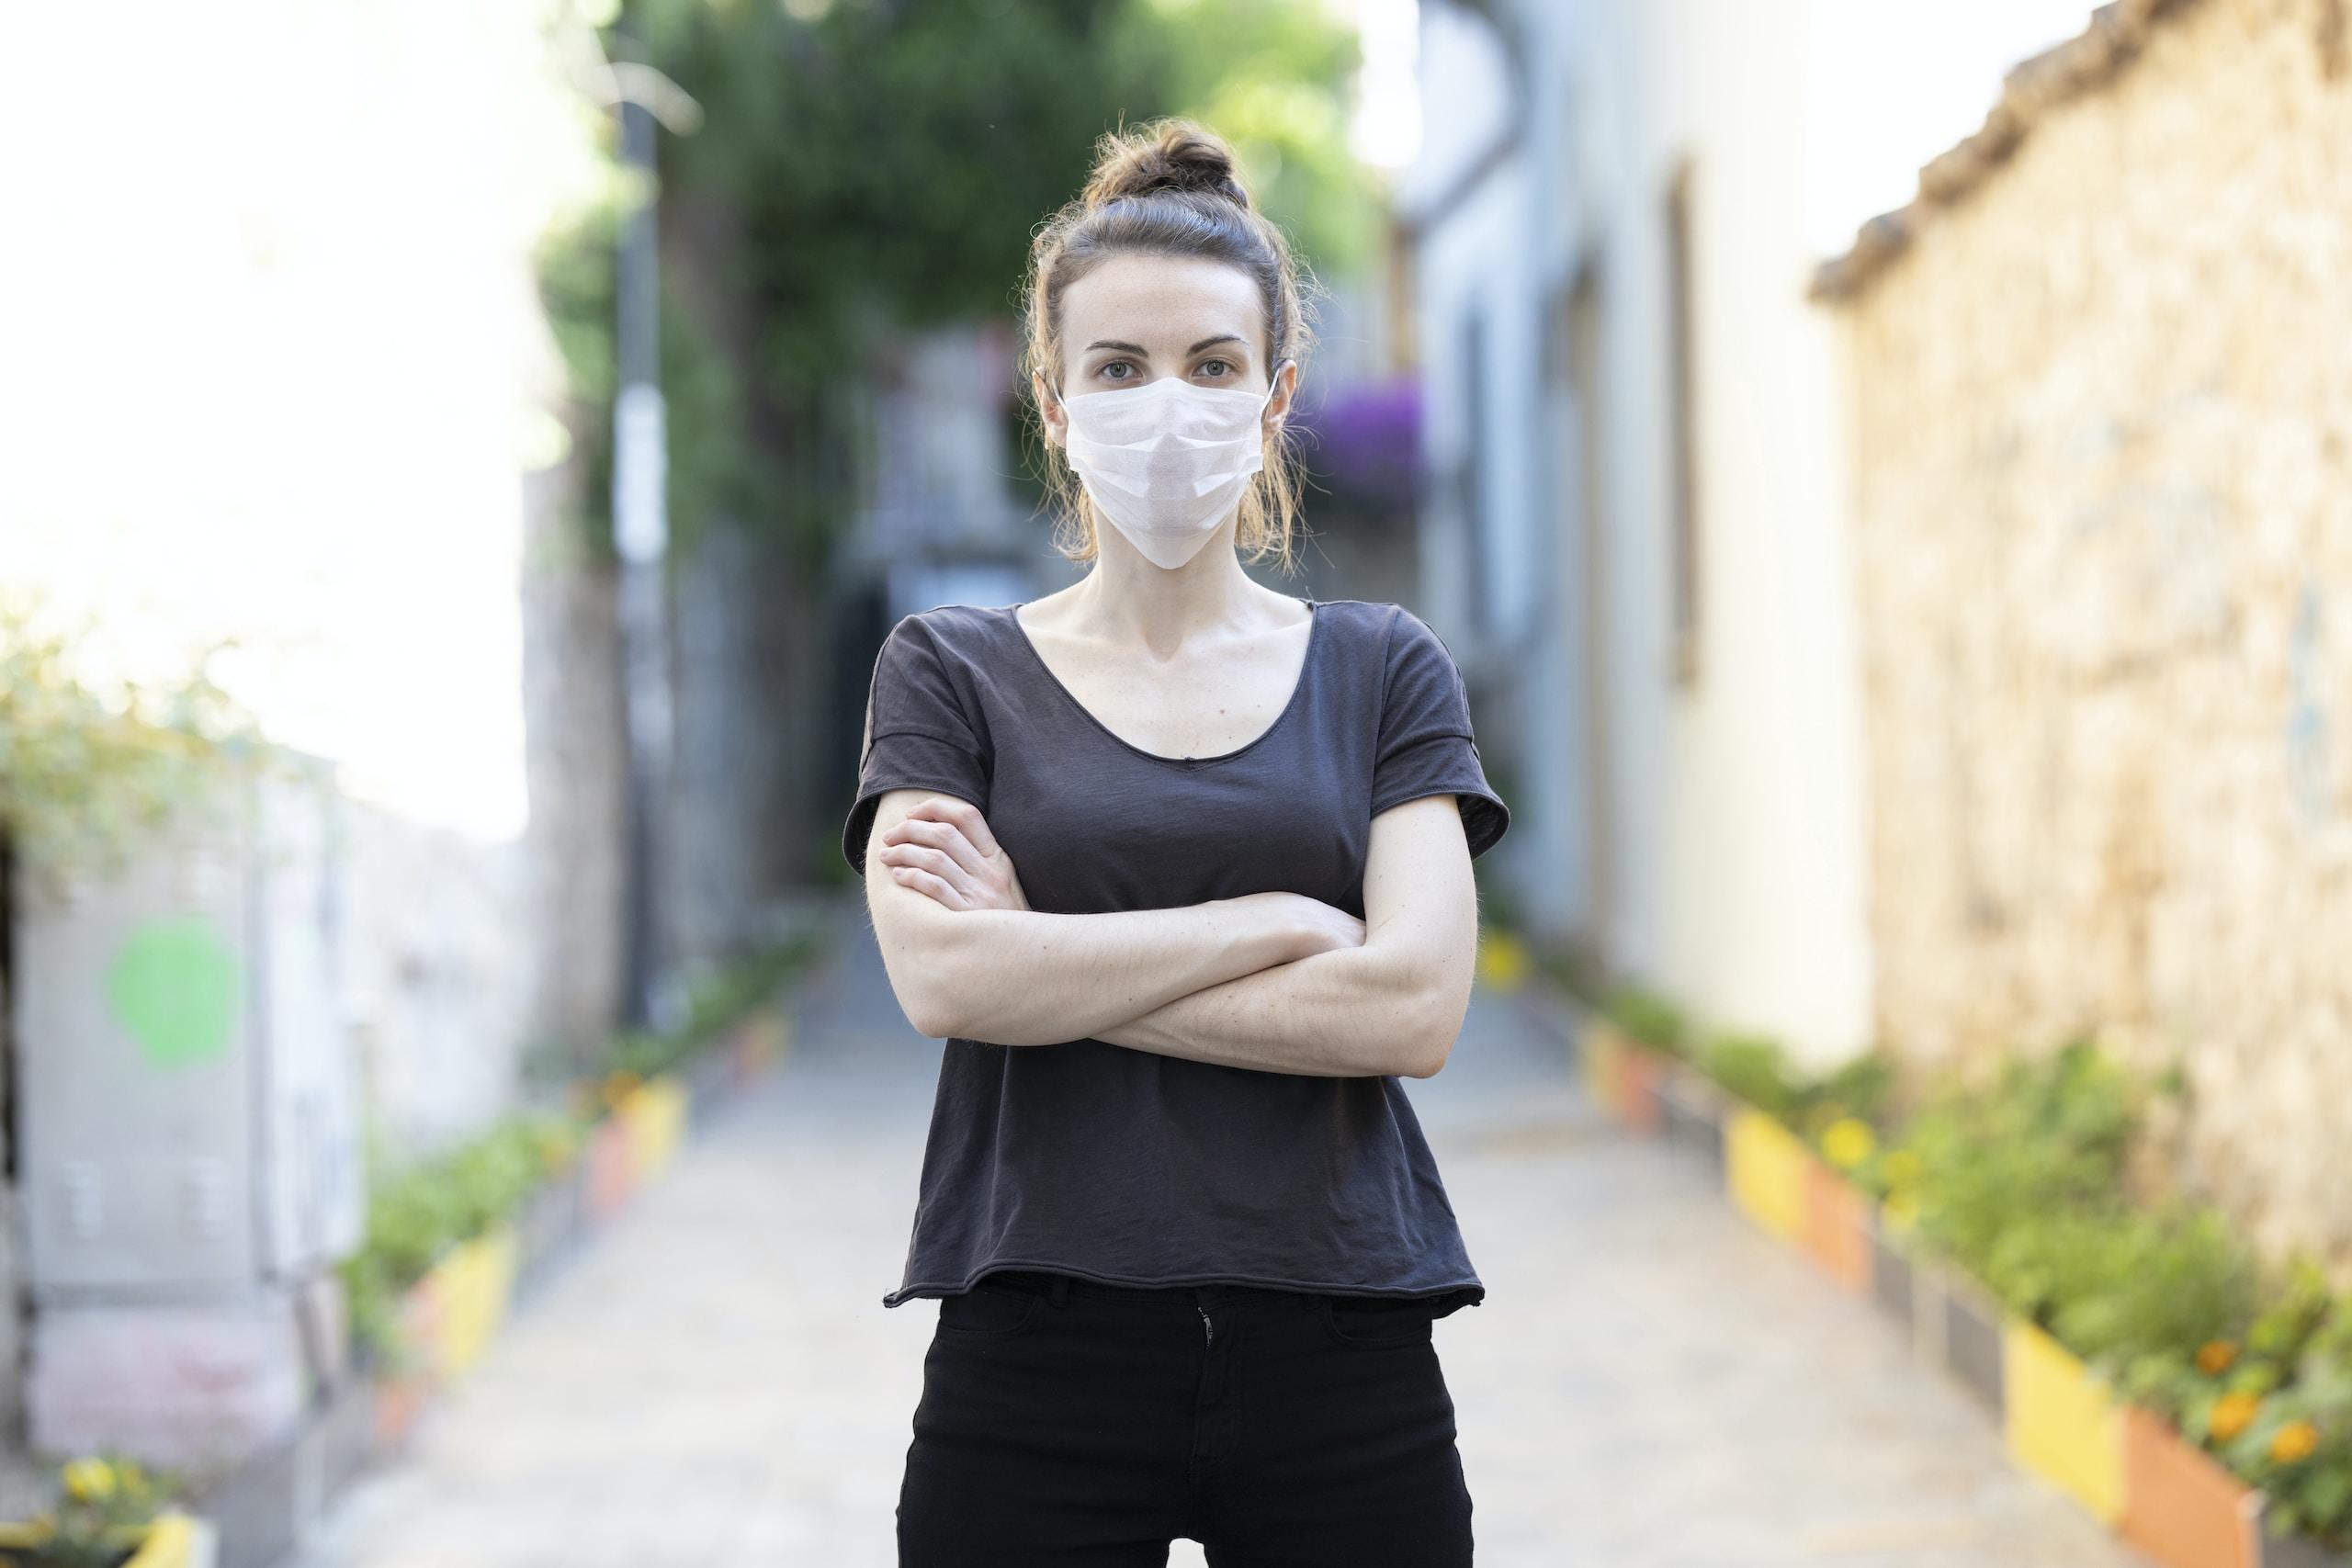 Mujer con mascarilla / coronavirus /  covid-19